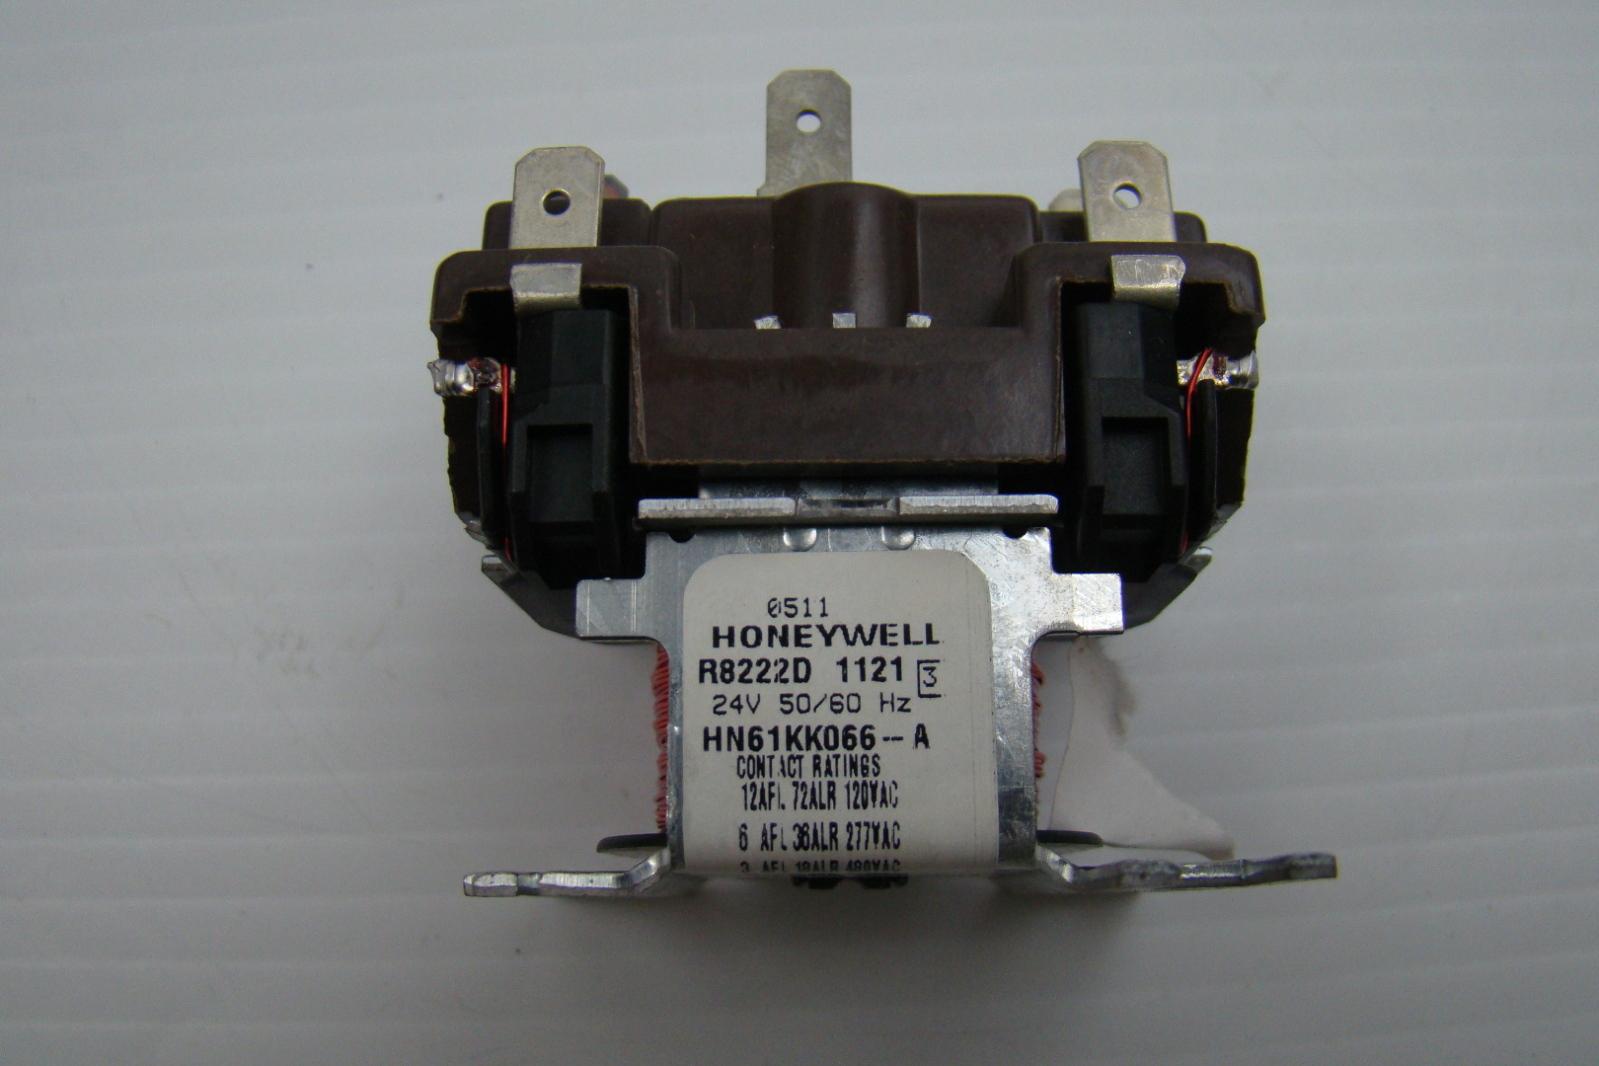 5 Star Automotive >> Honeywell 24V Isolation Relay HN61KK066 | eBay